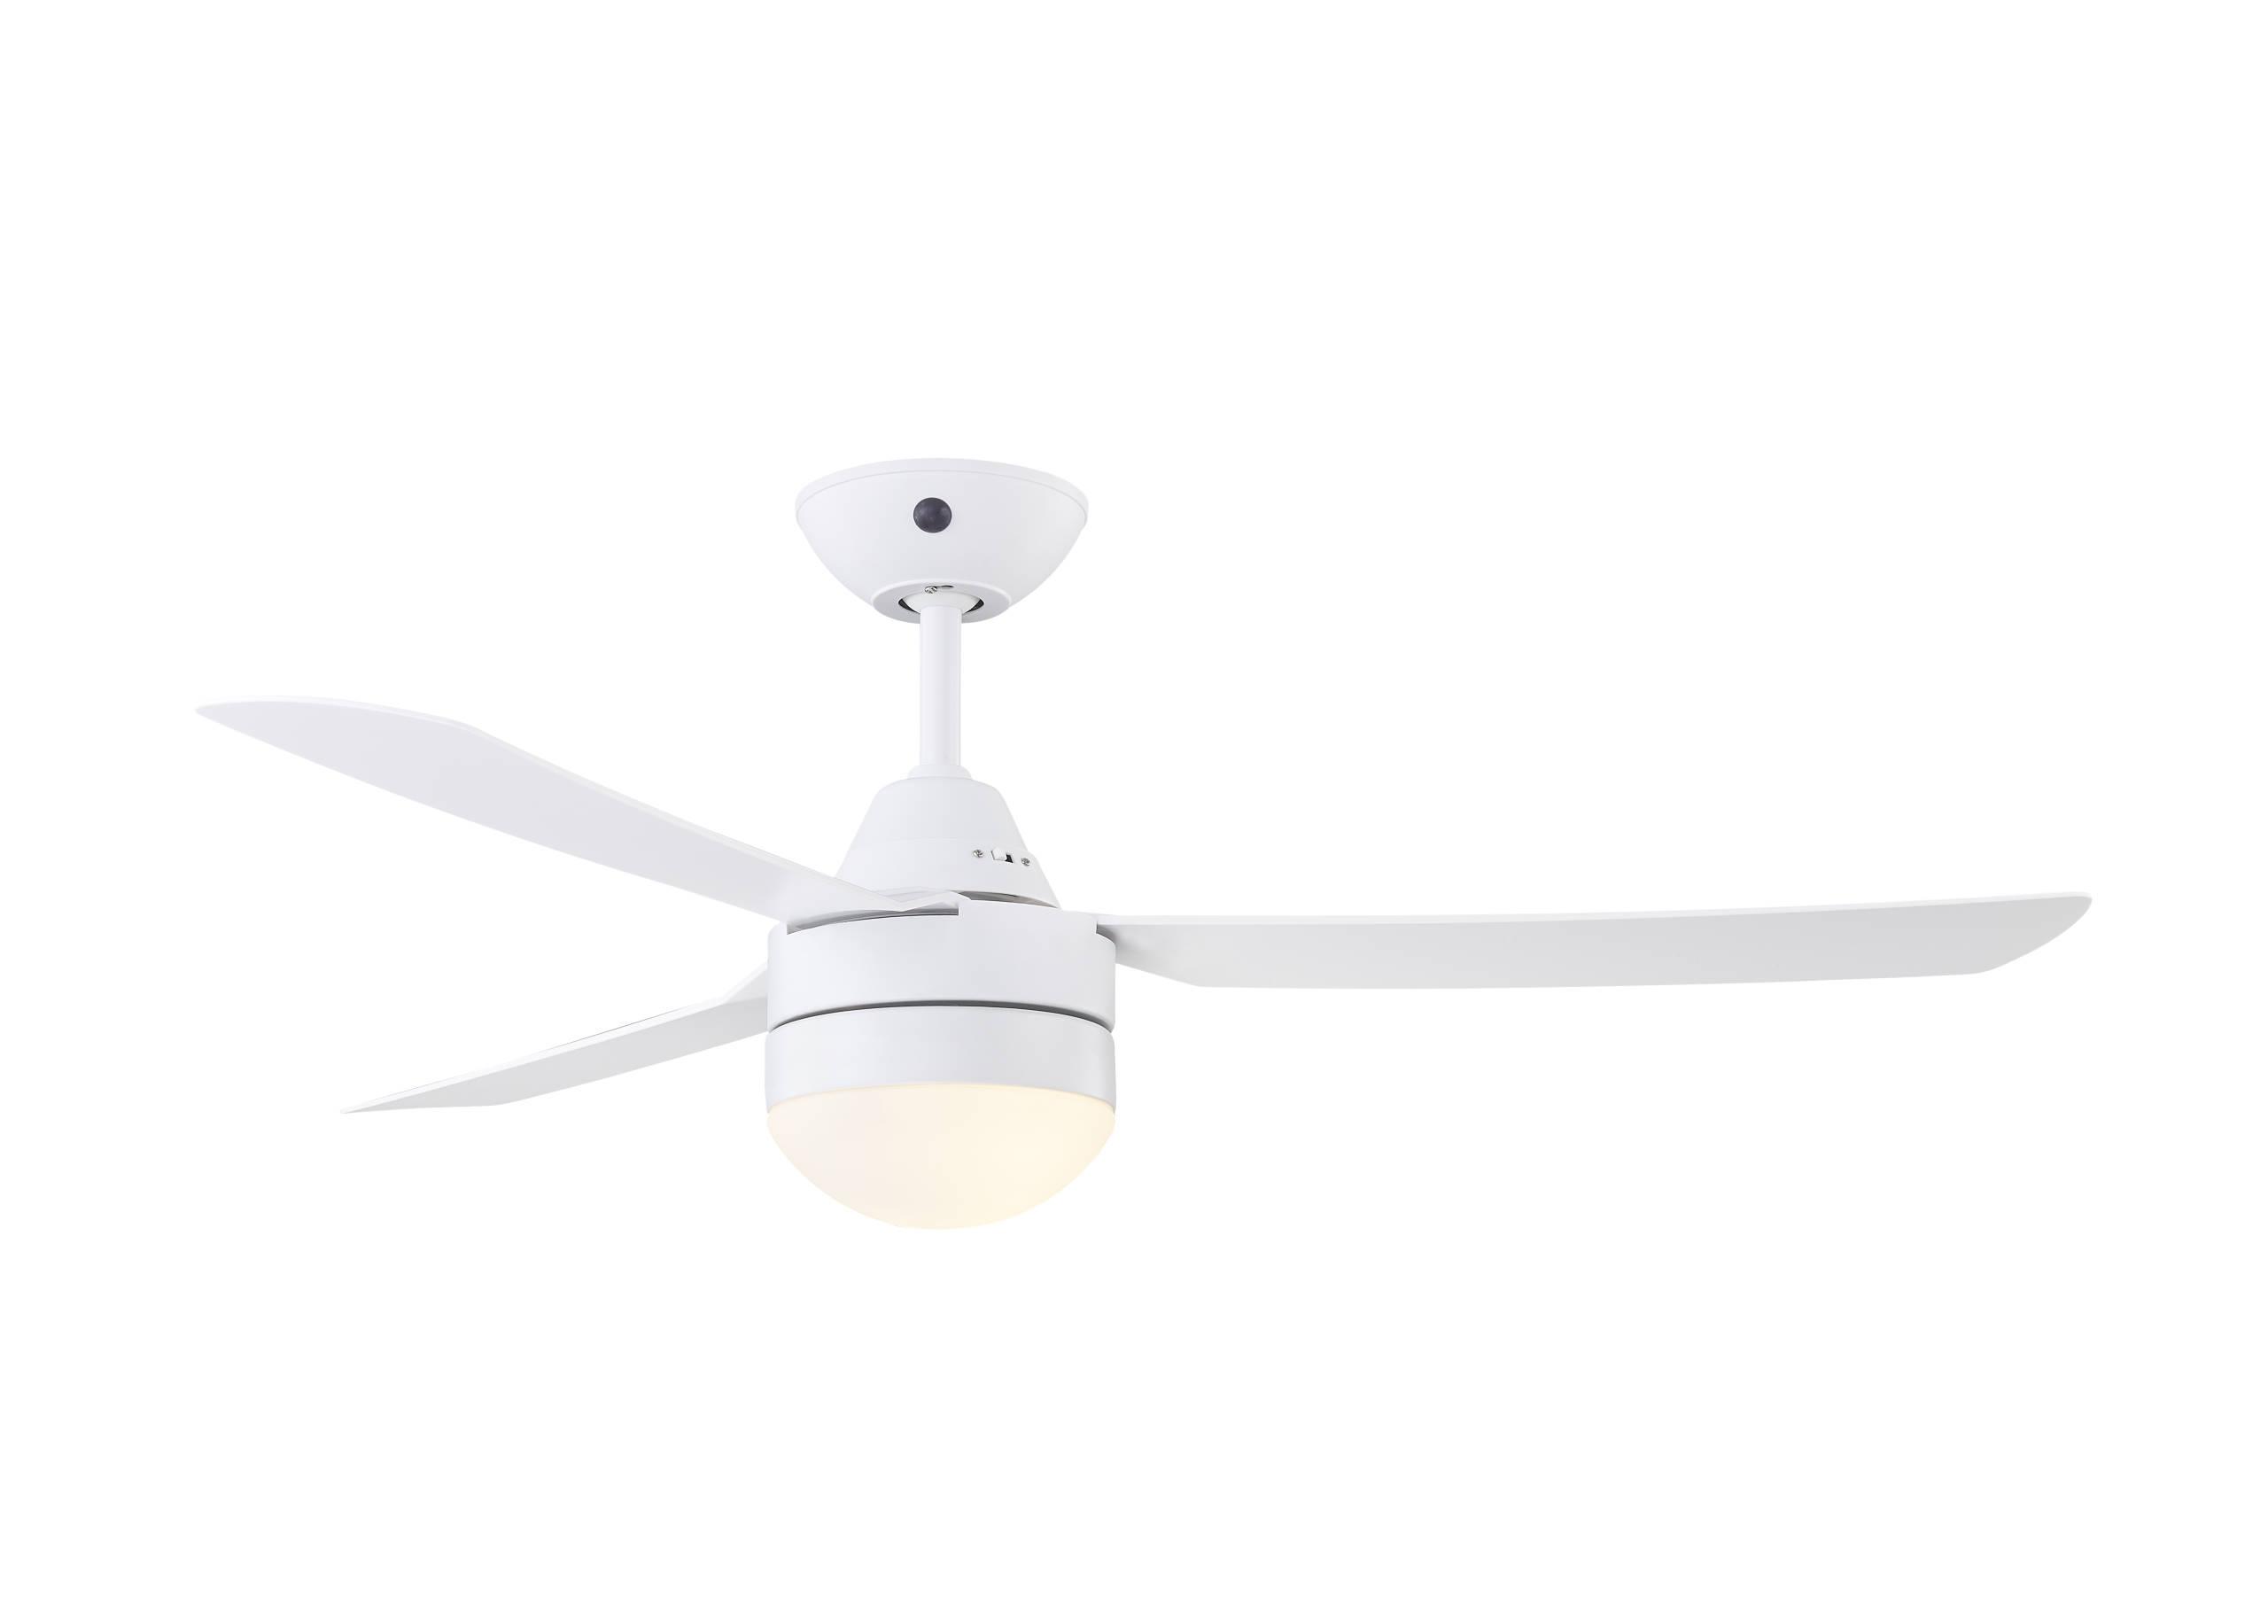 Megara Deckenventilator in Weiß mit Fernbedienung und Licht